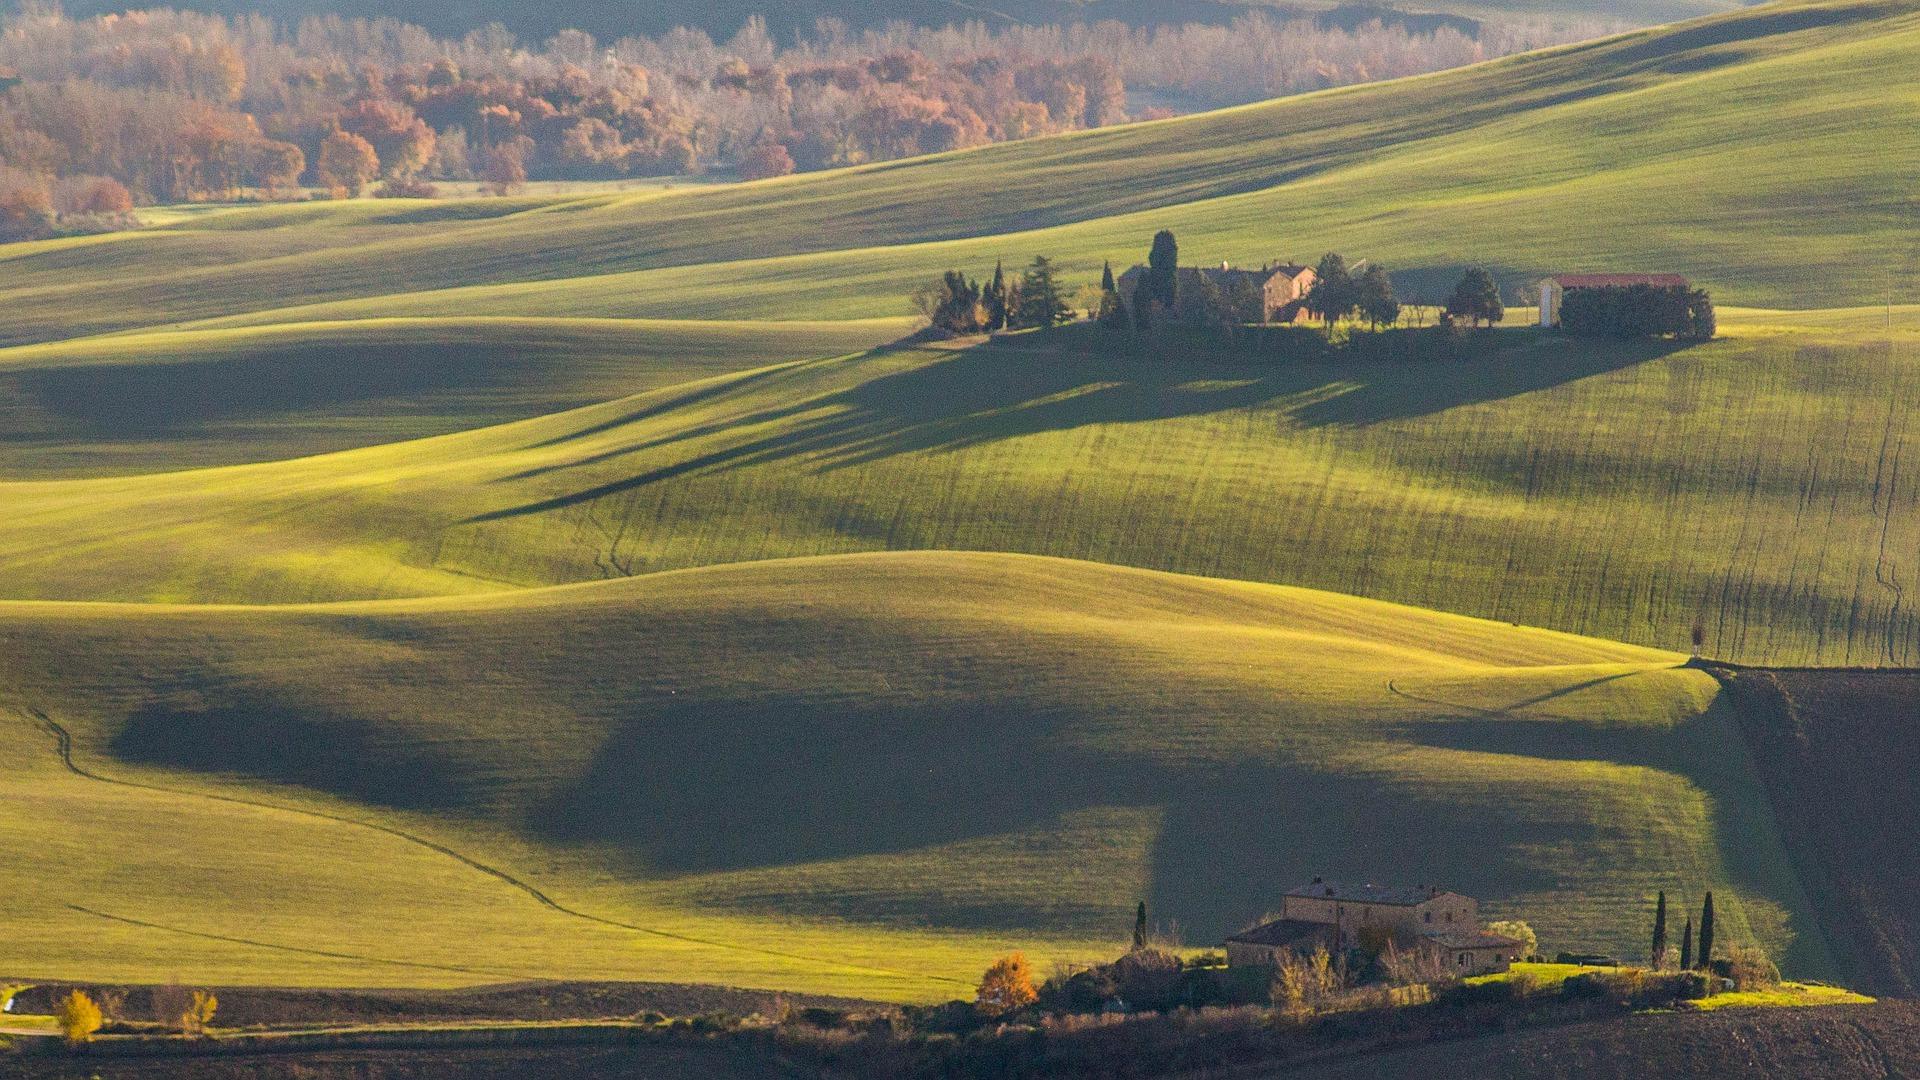 tuscany-4664879_1920